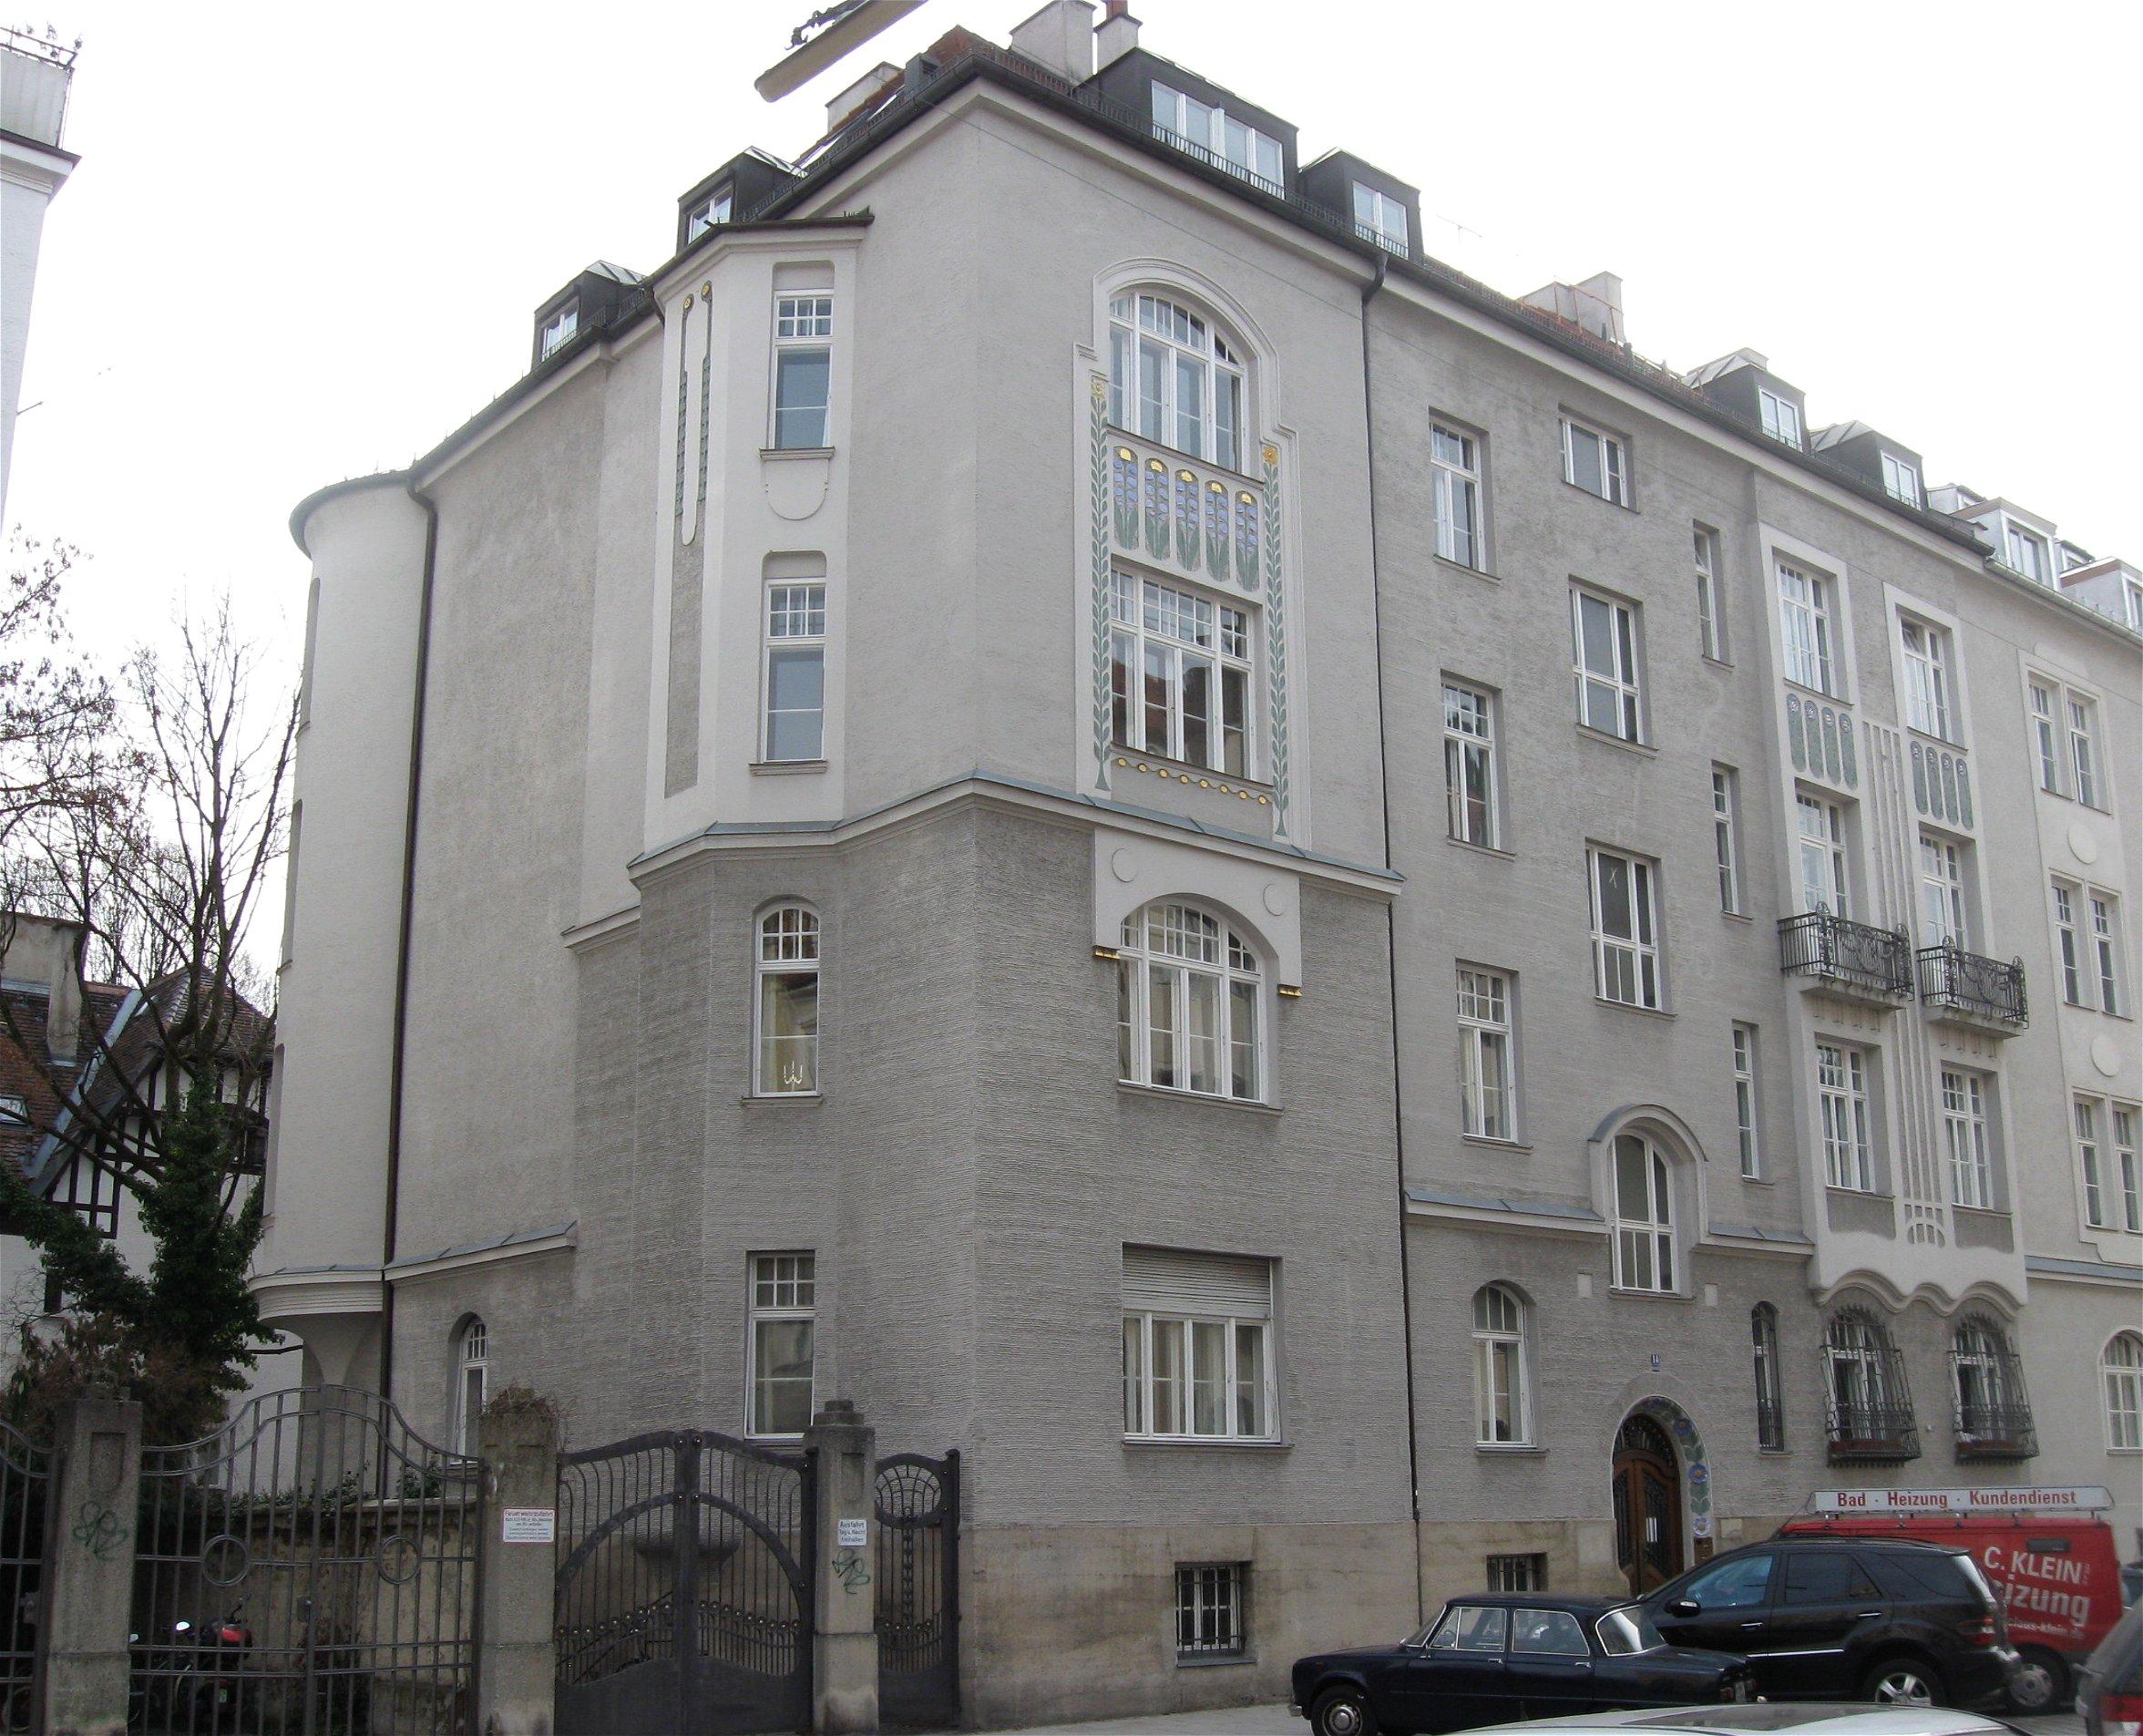 File:Konradstr. 14 Muenchen-1.jpg - Wikimedia Commons